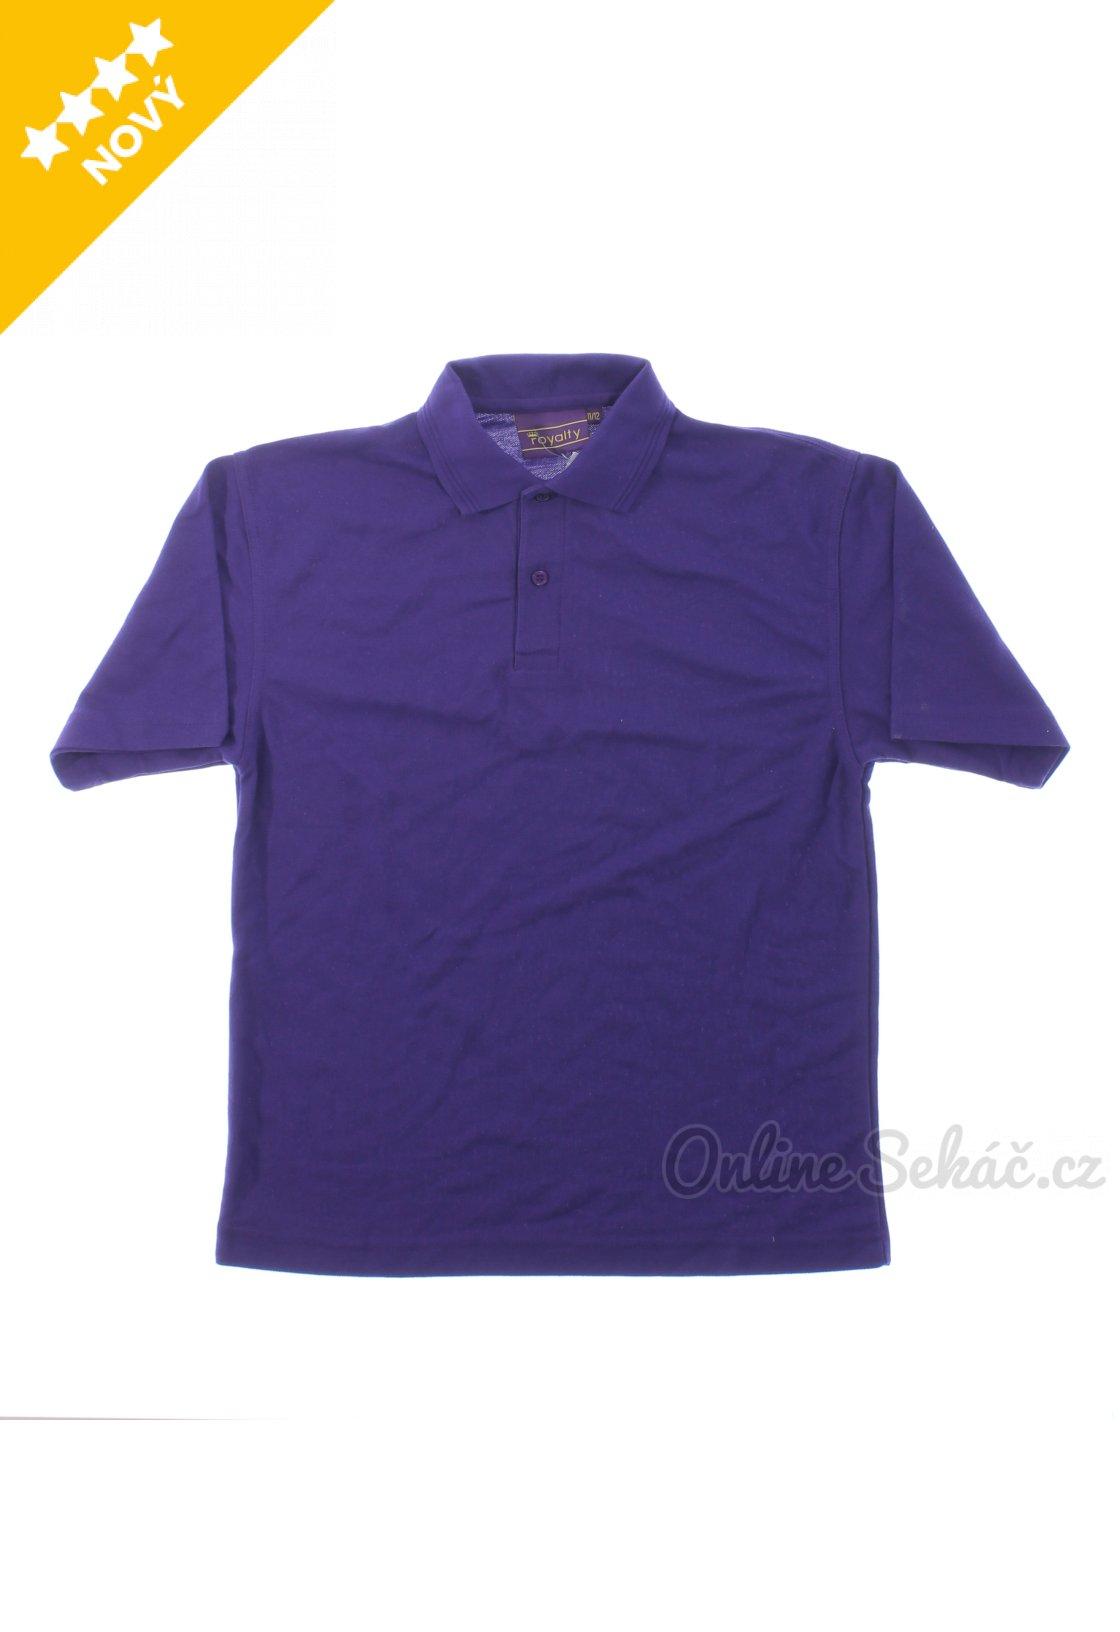 34c3ba7d085 Dětské tričko s límečkem ROYALTY nový 146